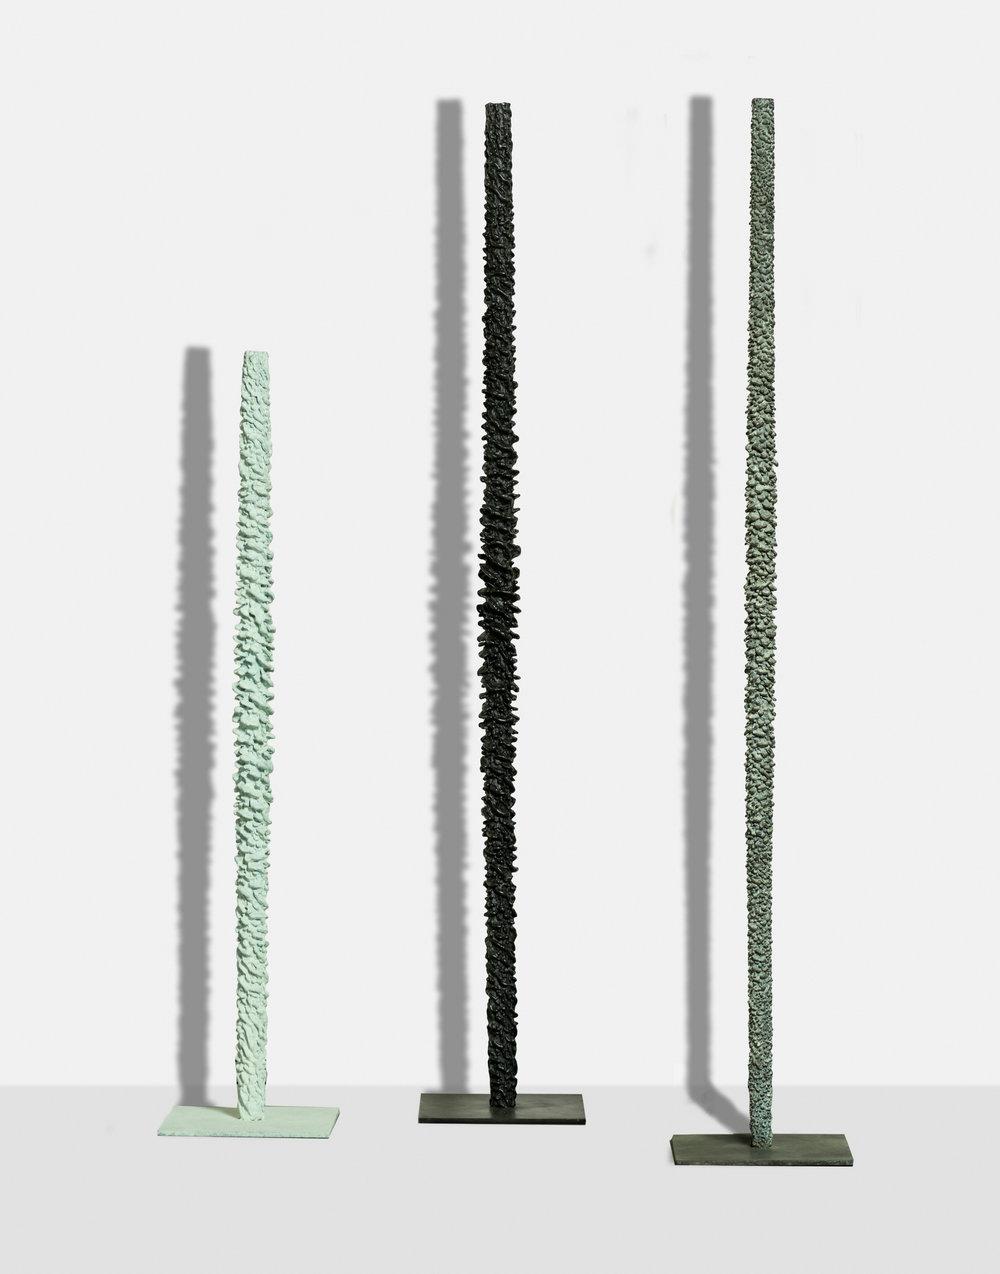 White Spiral , 2017, bronze (unique cast),  36 x 7 3/4 x 7 3/4 inches   Black Spiral (I),  2017, bronze (unique cast), 48 x 7 7/8 x 7 7/8 inches   White Totem (II),  2017, bronze (unique cast), 48 x 7 7/8 x 7 7/8 inches